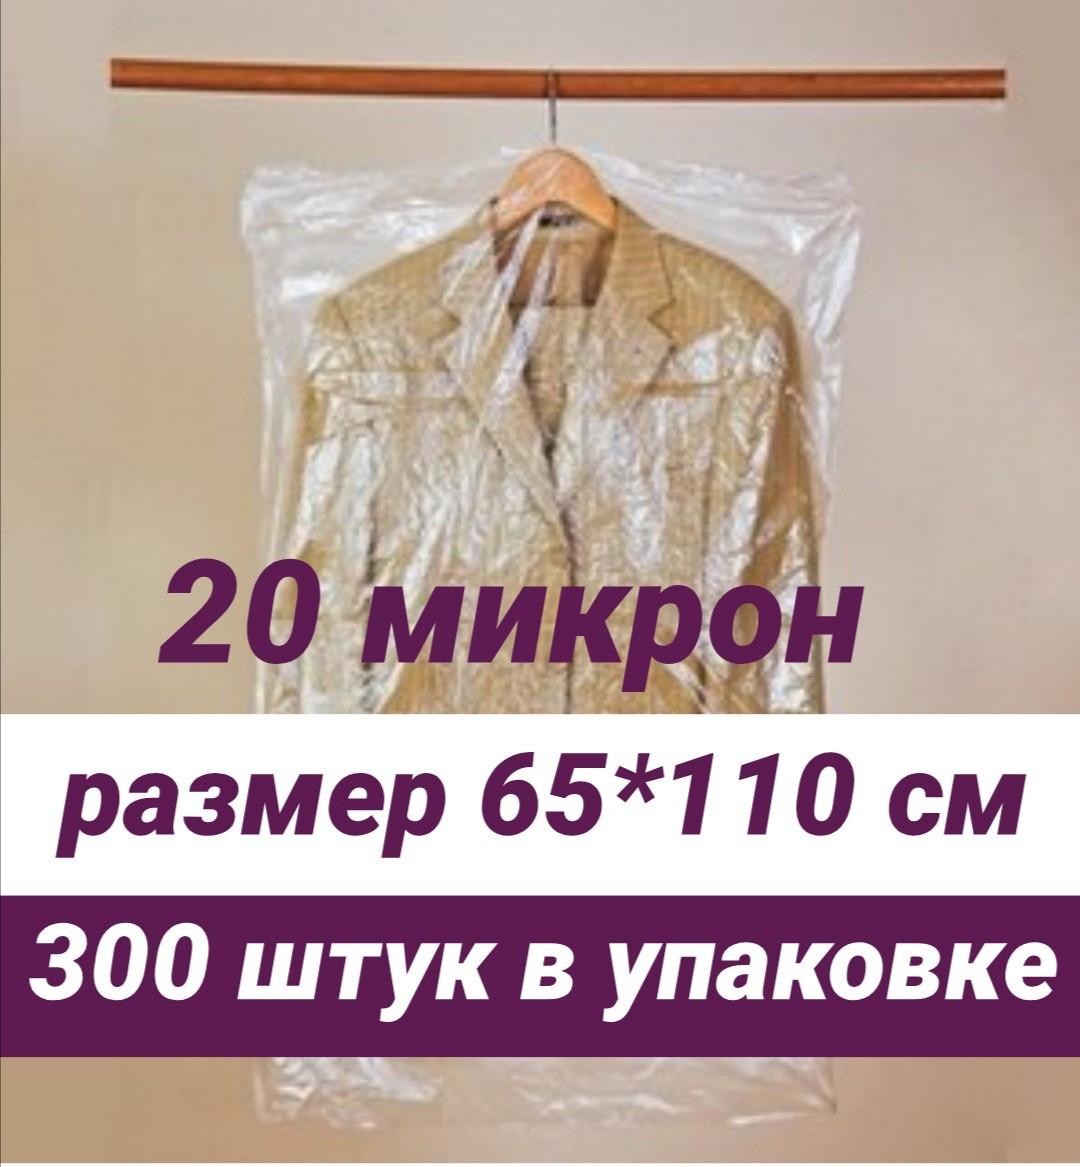 Размер 65*110 см, 300 шт в упаковке.Чехлы для одежды полиэтиленовые, толщина 20 микрон